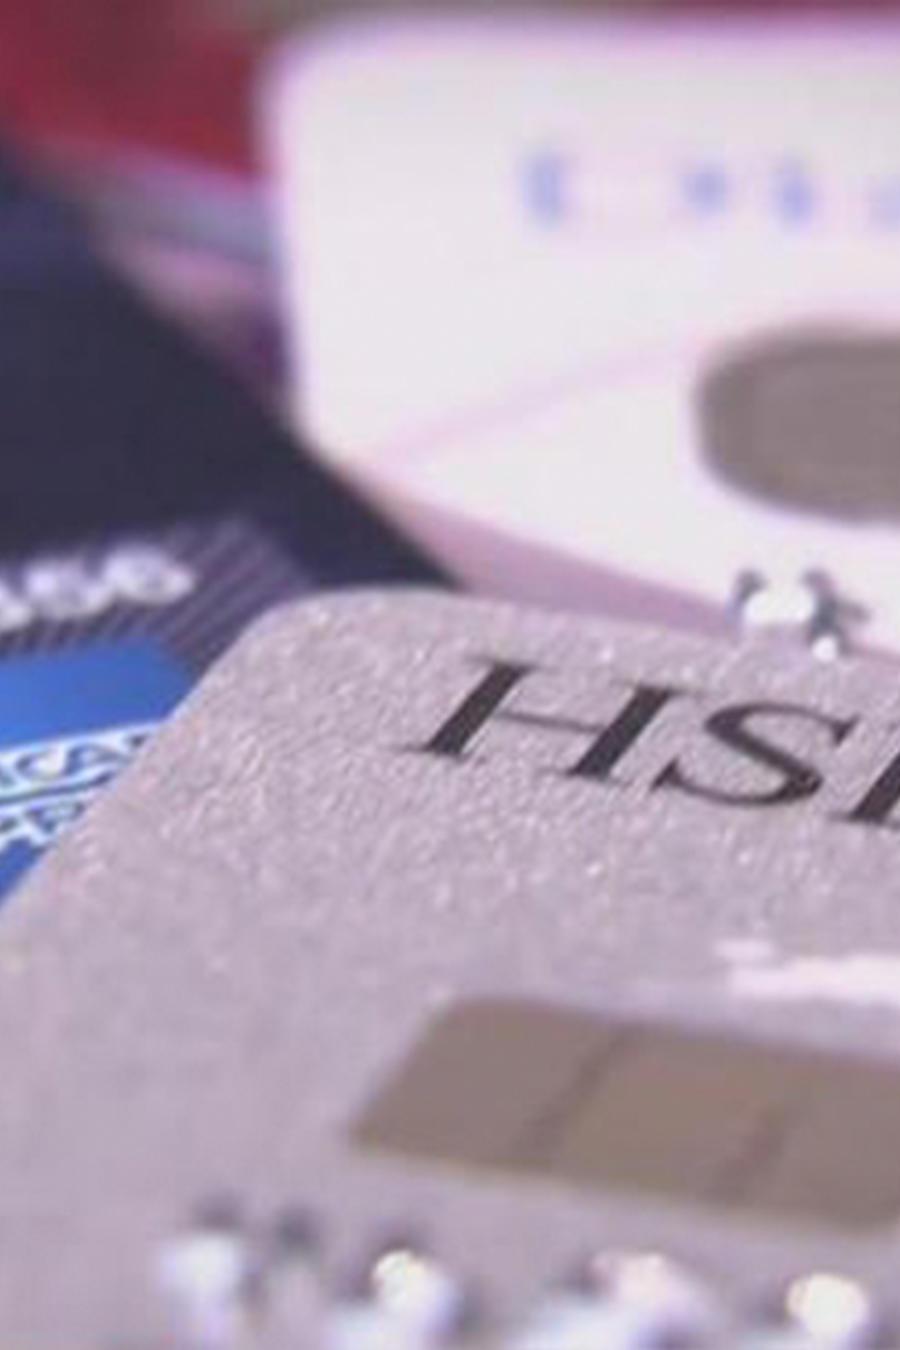 ¡Evita tarifas extras en tus tarjetas de crédito! Te enseñamos un truco fantástico y efectivo